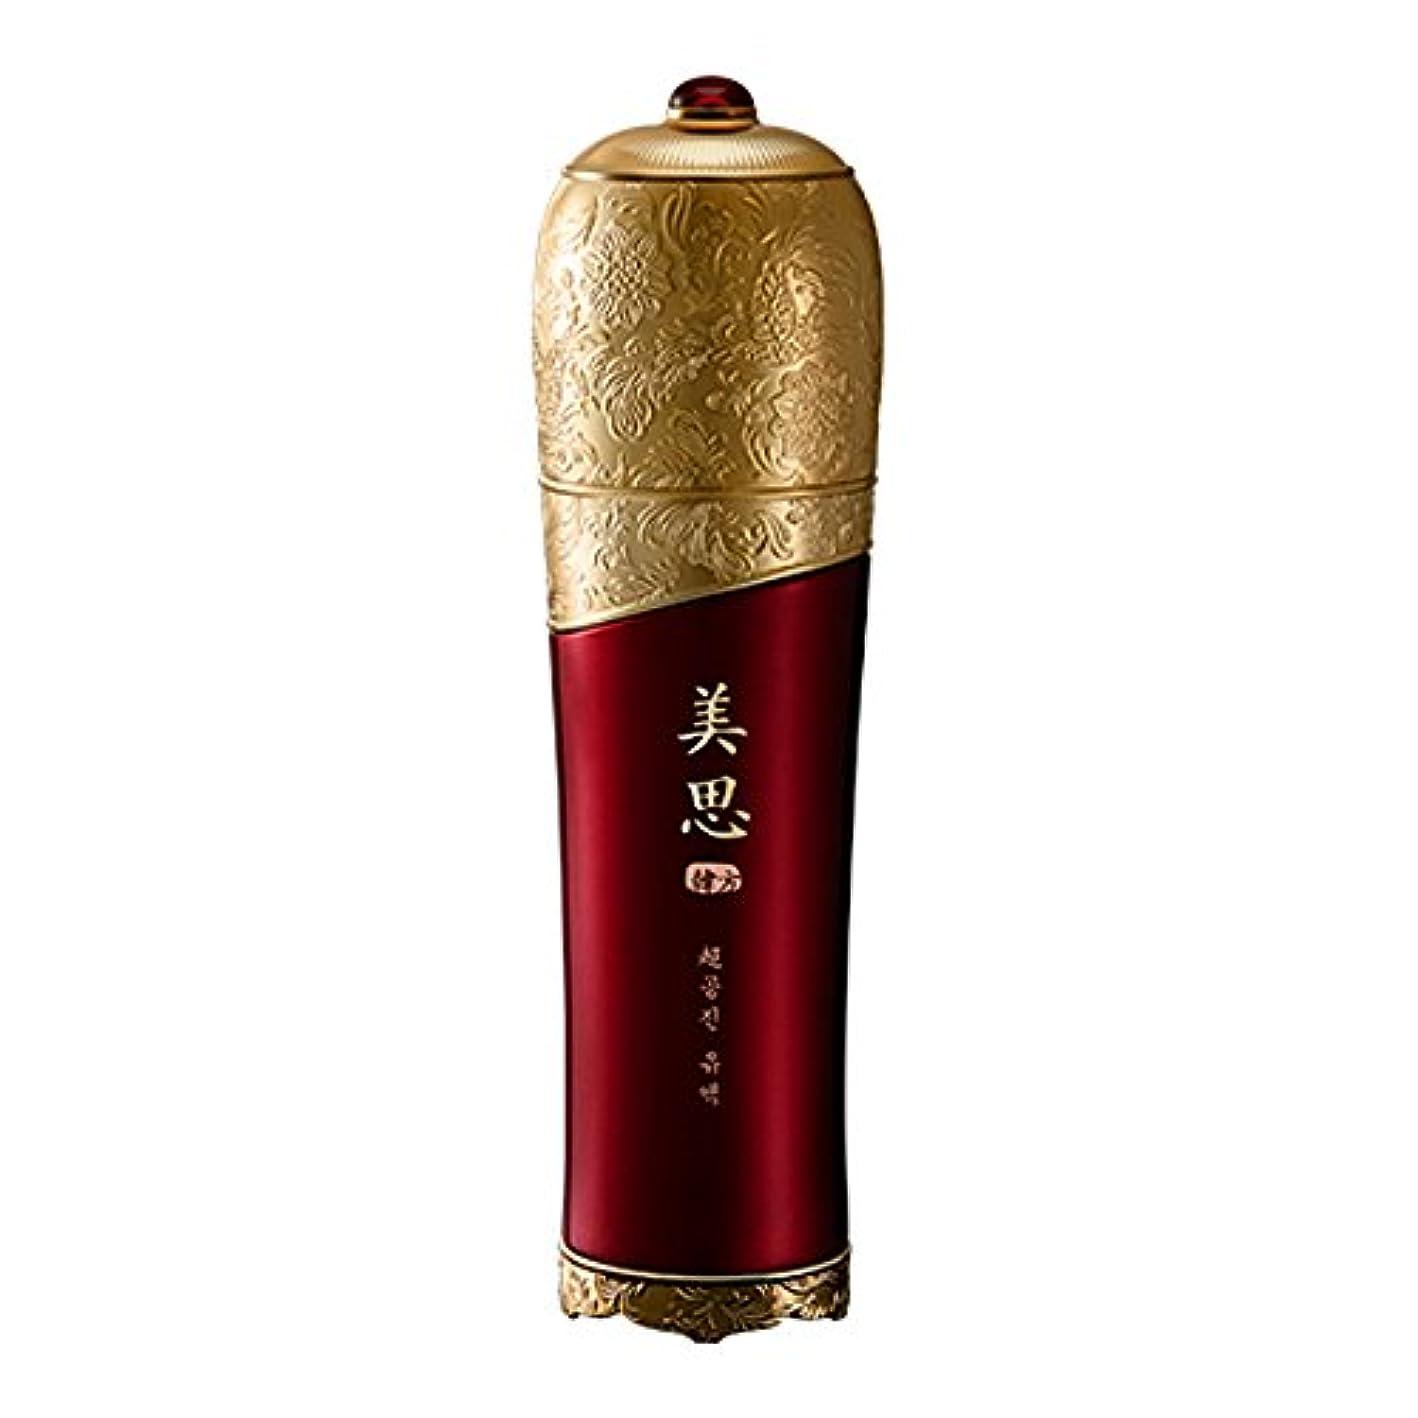 規則性シプリー喜びMISSHA(ミシャ)美思 韓方 旧チョボヤン (超)チョゴンジン 乳液 基礎化粧品 スキンケア